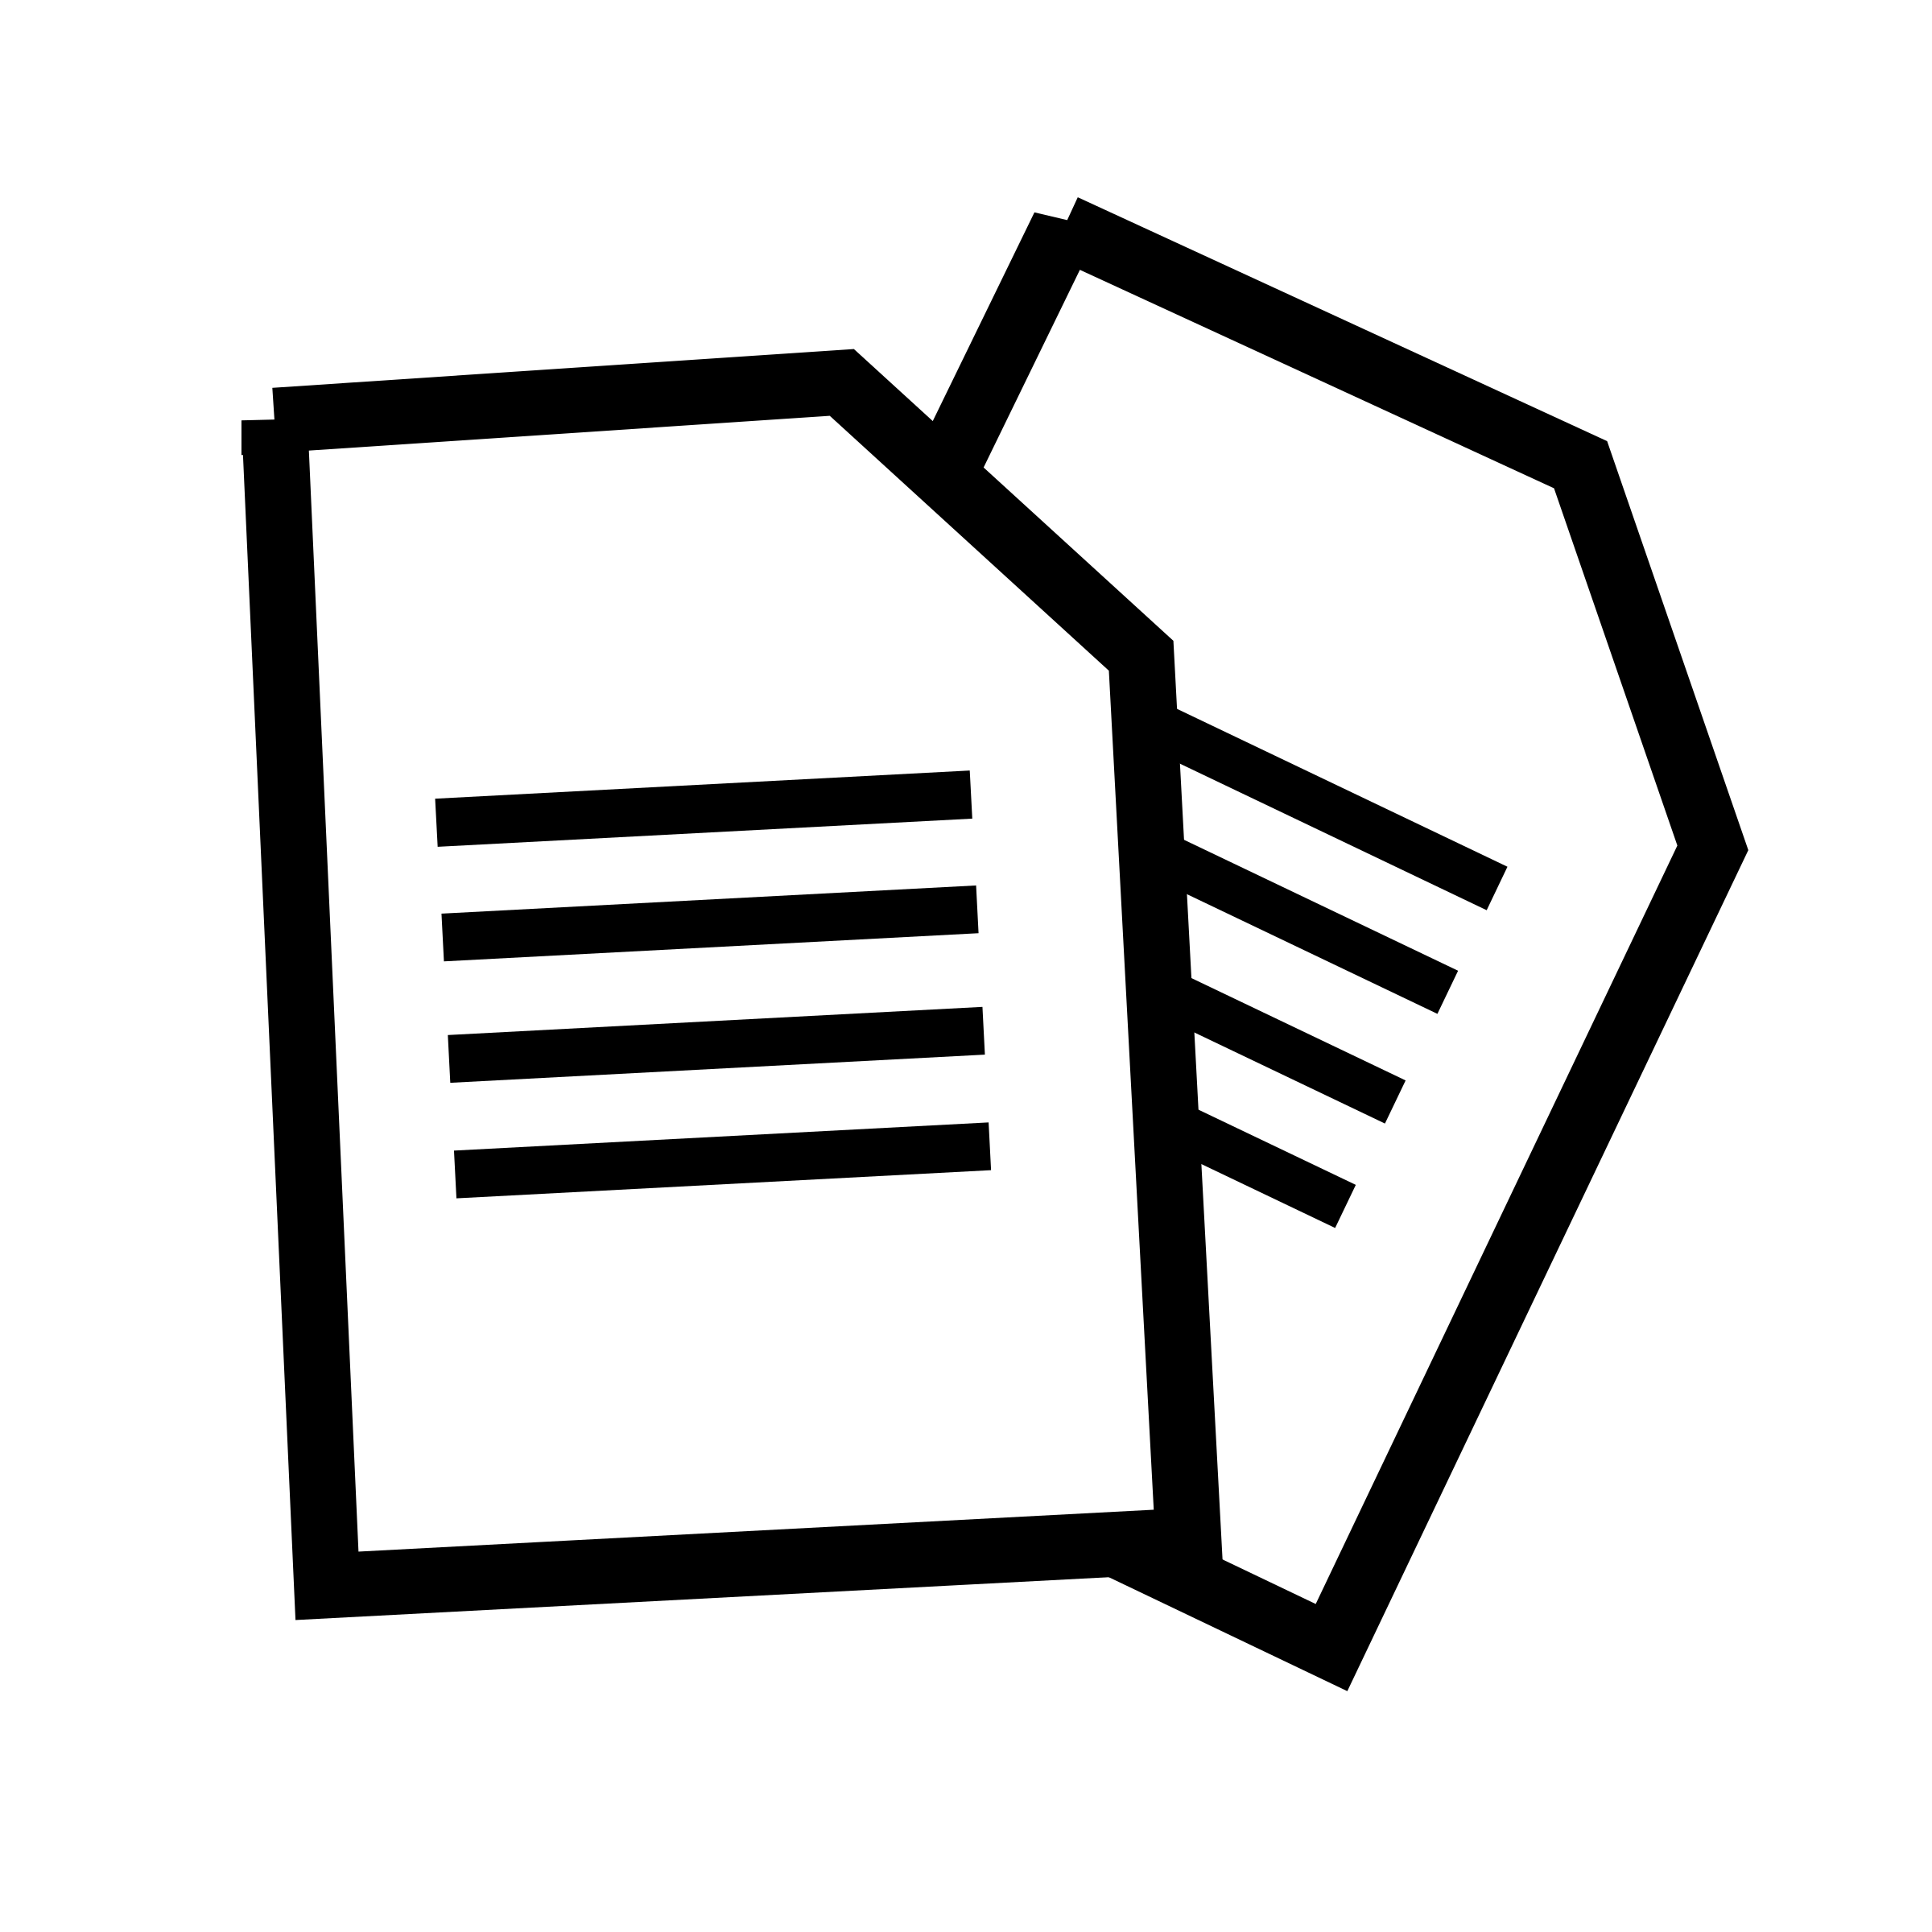 Letter clipart transparent BIG (PNG) Clipart Lettre IMAGE